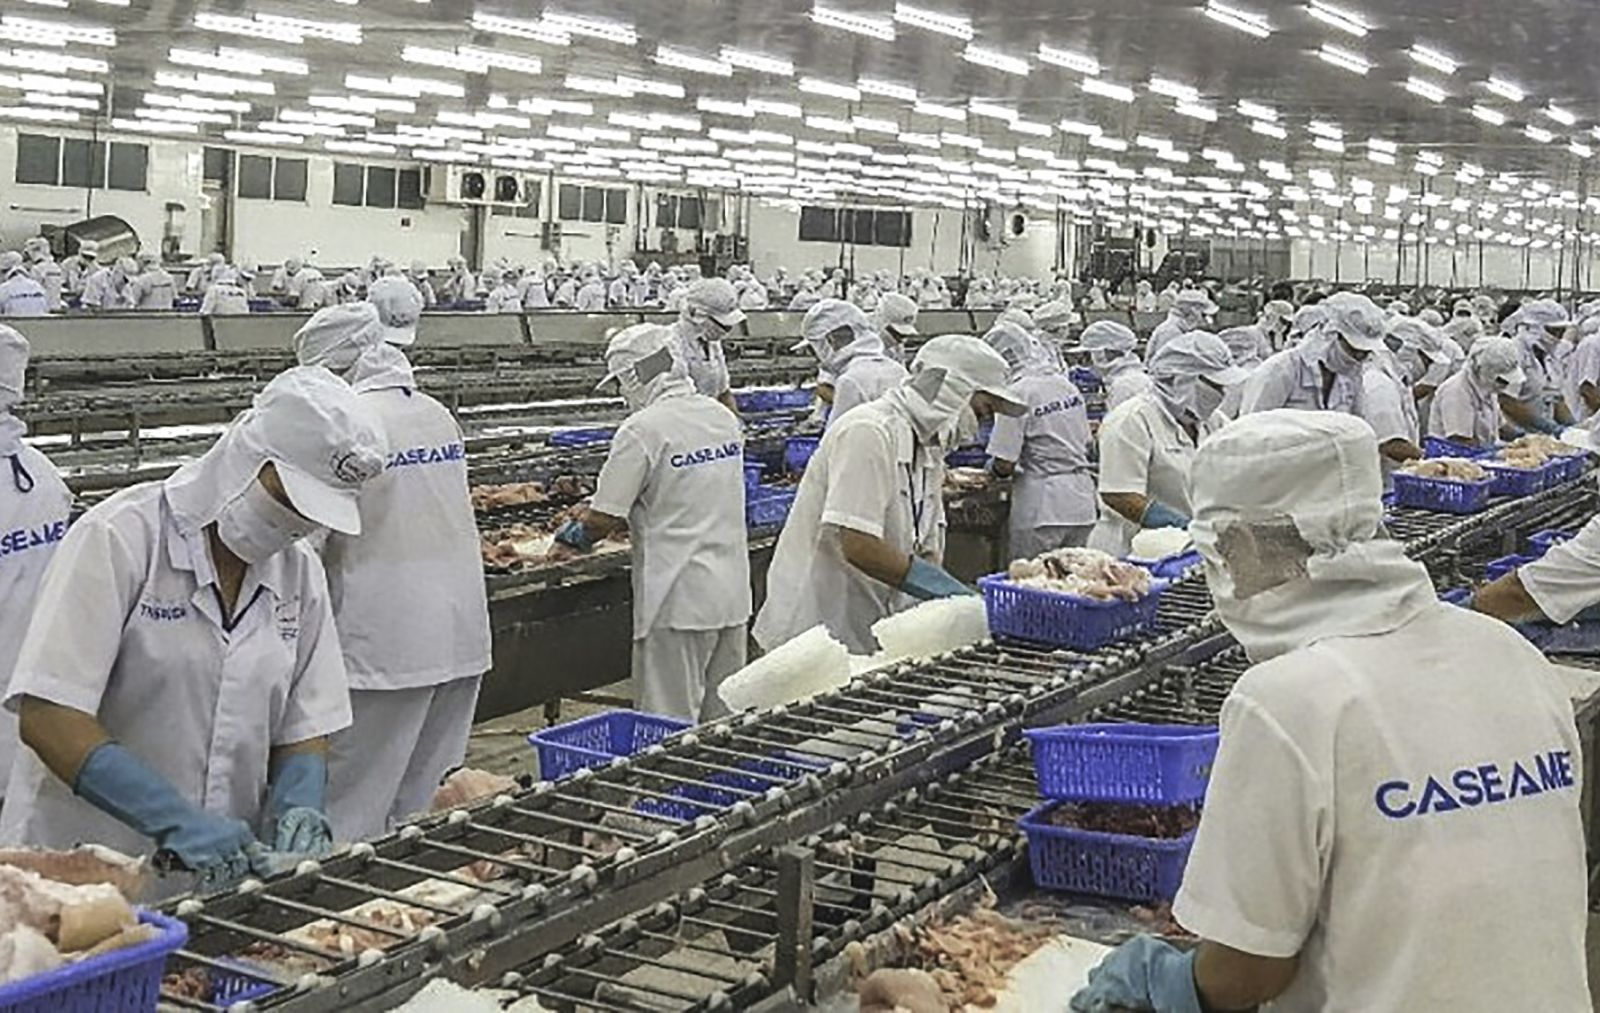 Qua thực hiện tốt QCDC, NLĐ Công ty Cổ phần Xuất Nhập khẩu Thủy sản Cần Thơ an tâm gắn bó công việc, tích cực lao động sản xuất. Ảnh: CTV